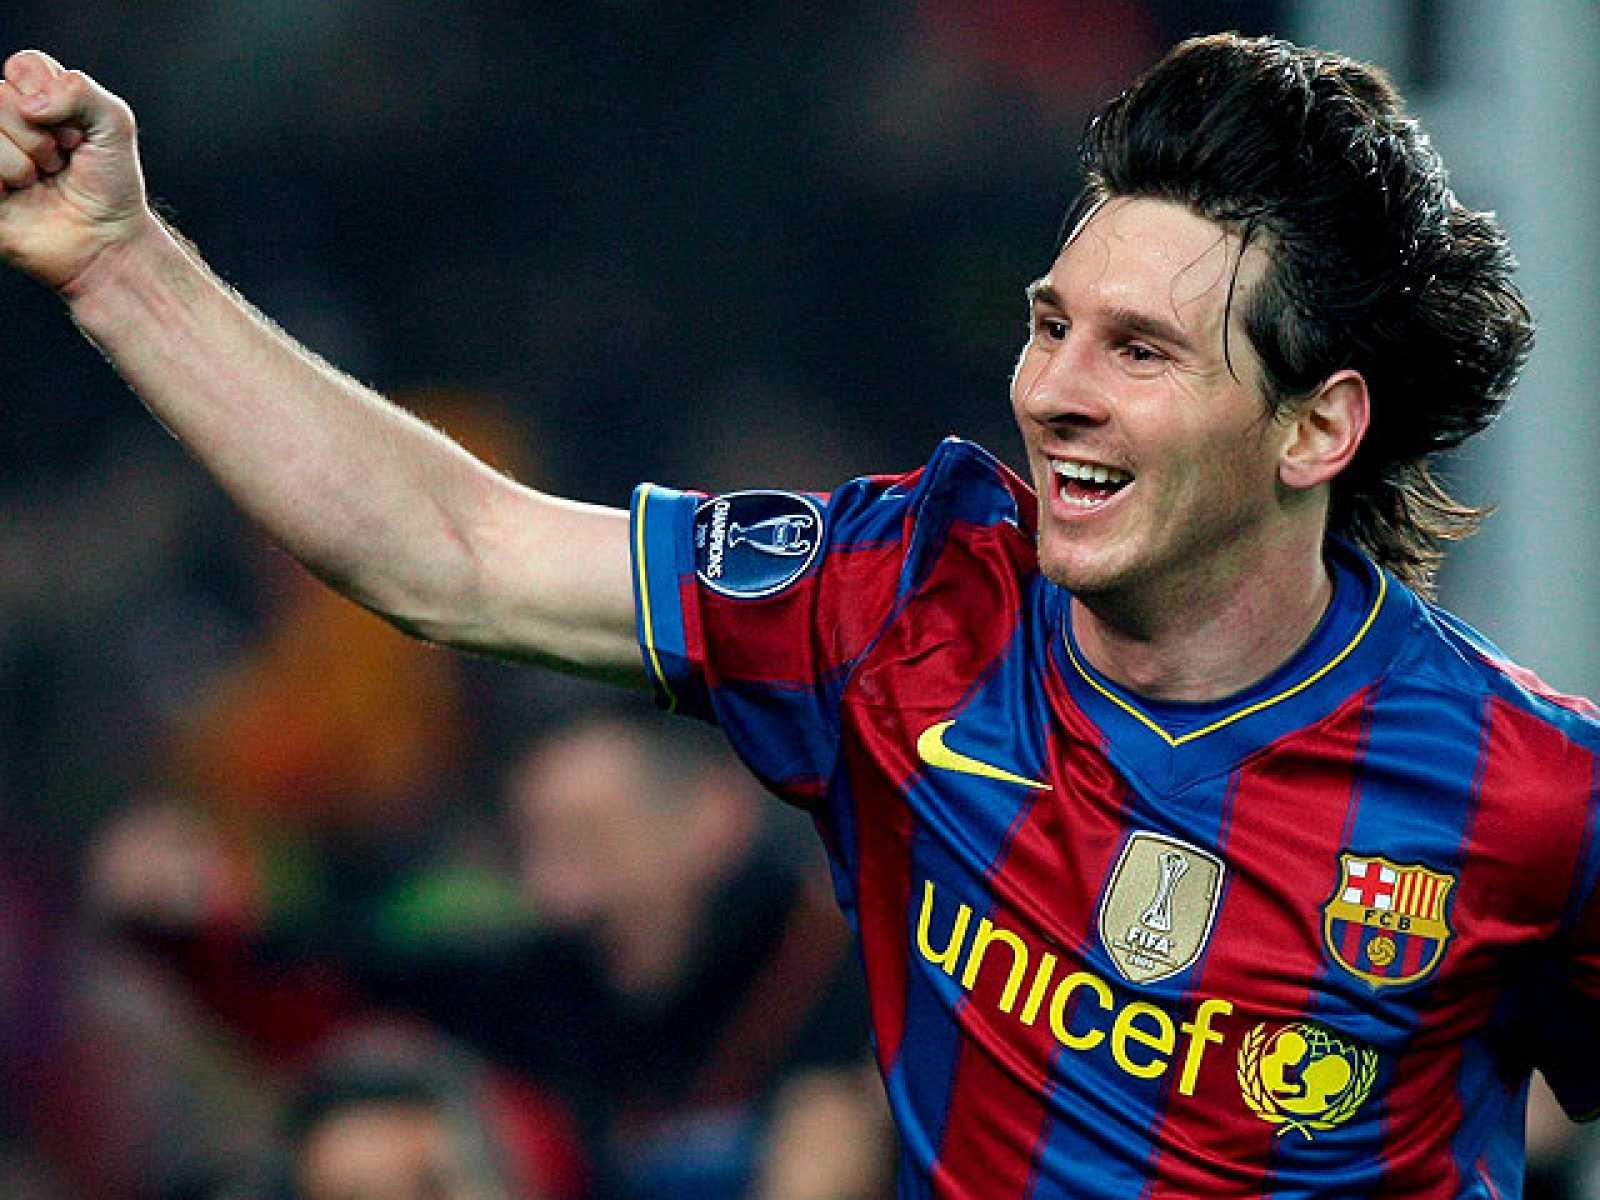 Un partido excepcional de Messi, que ha marcado los cuatro goles de su equipo, permite al Barcelona eliminar al Arsenal y alcanzar las semifinales, en las que se enfrentará al Inter de Milán.